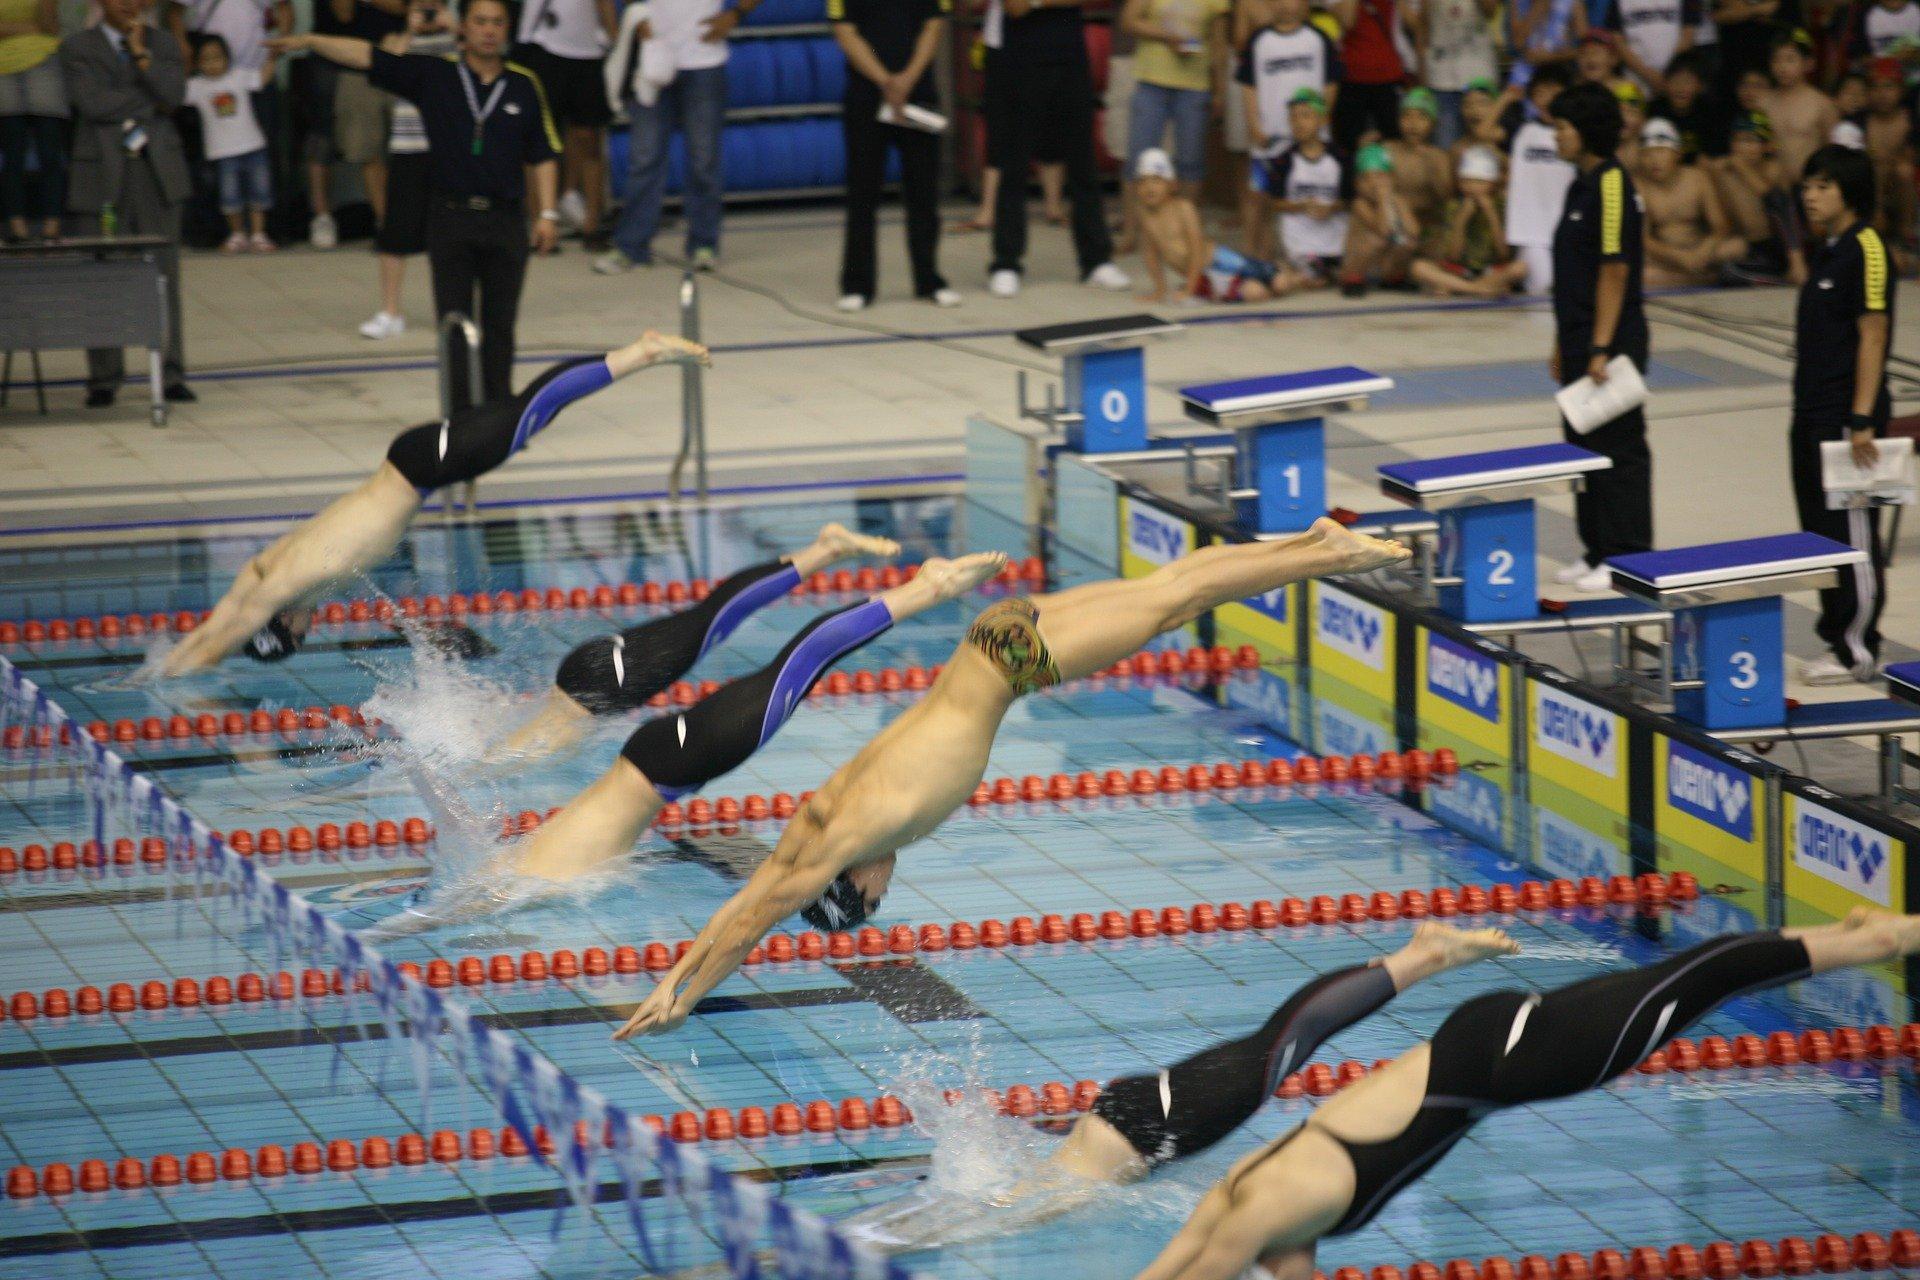 ad197c727 Elige el bañador correcto para practicar natación - SUMA FITNESS CLUB